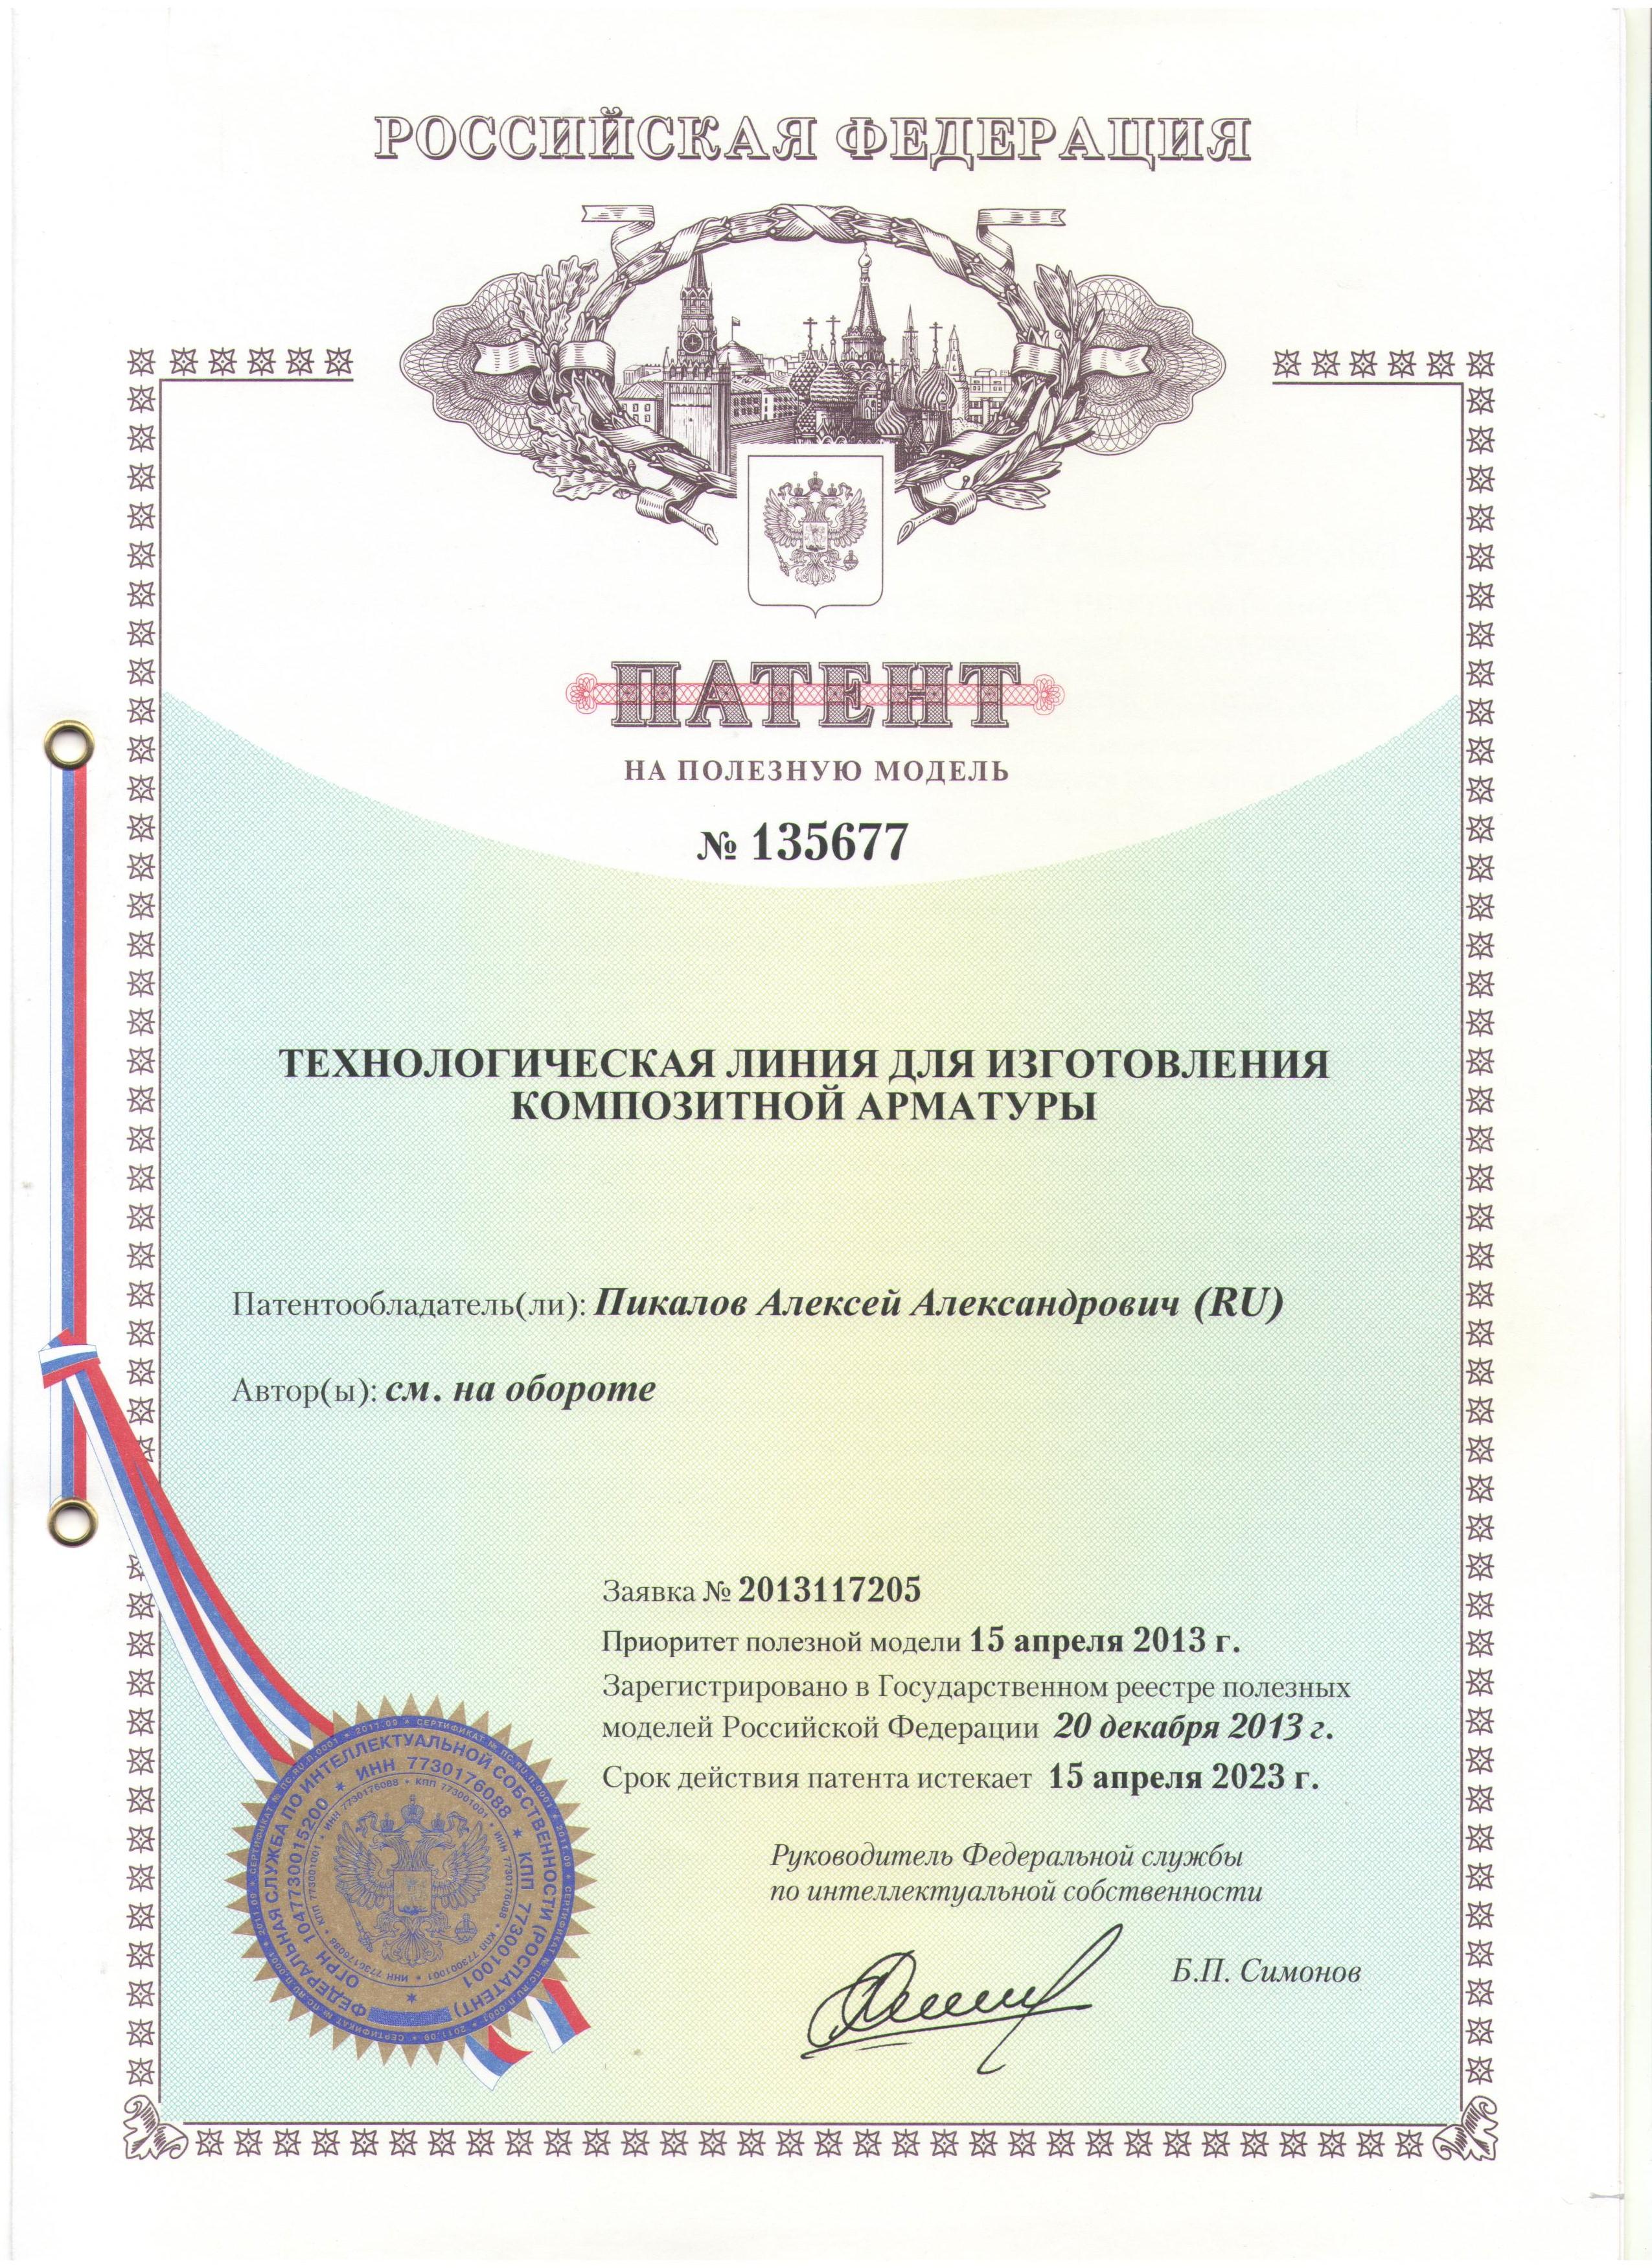 Патент №135677 на технологическую линию для изготовления композитной арматуры